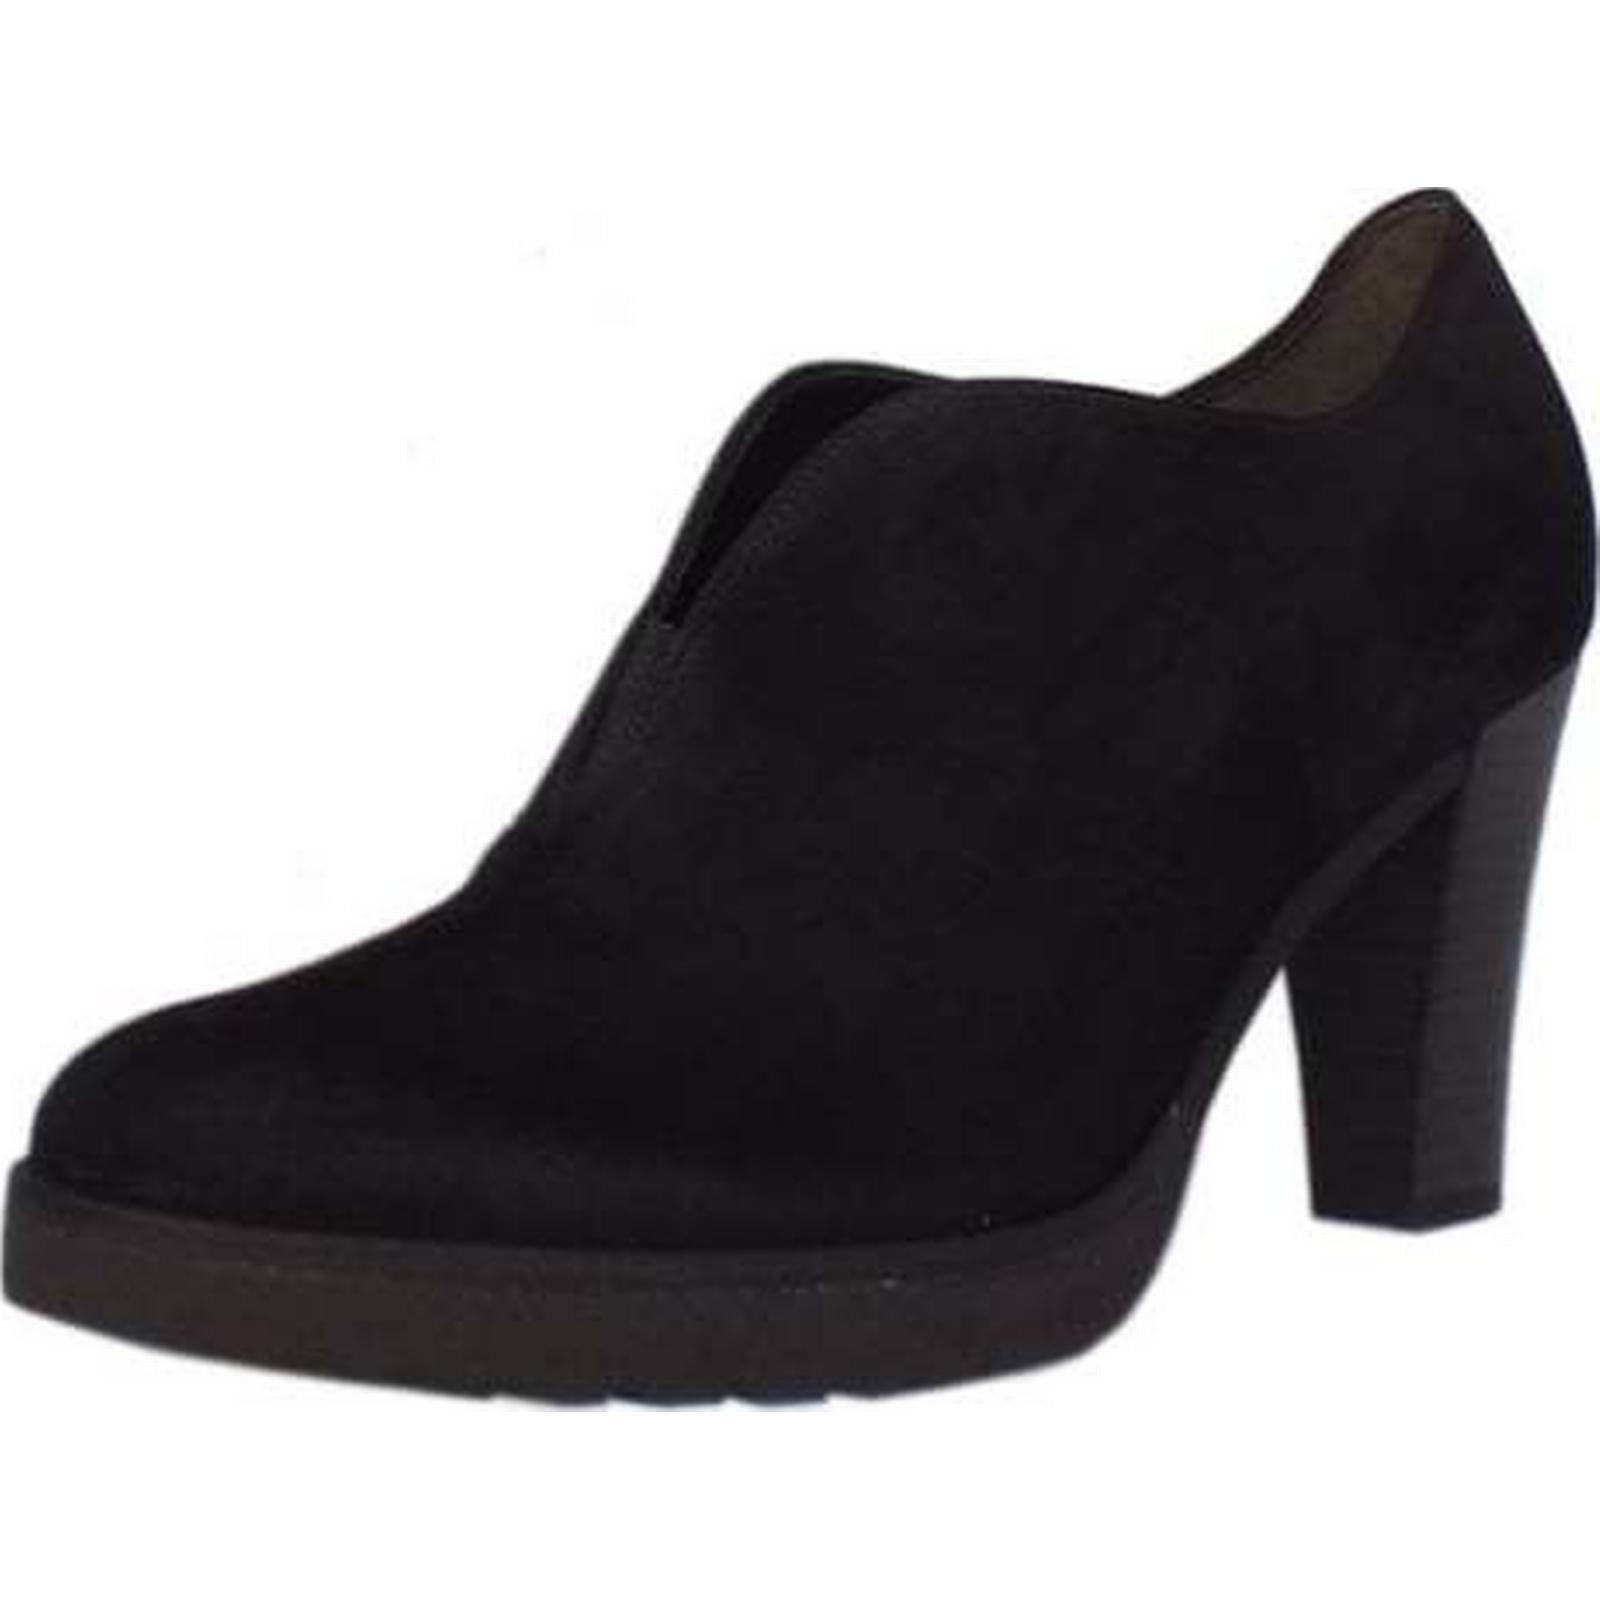 gabor roker gabor 3, mesdames de chaussures en daim taille: 3, gabor la couleur: noir poursuivi 0566fa